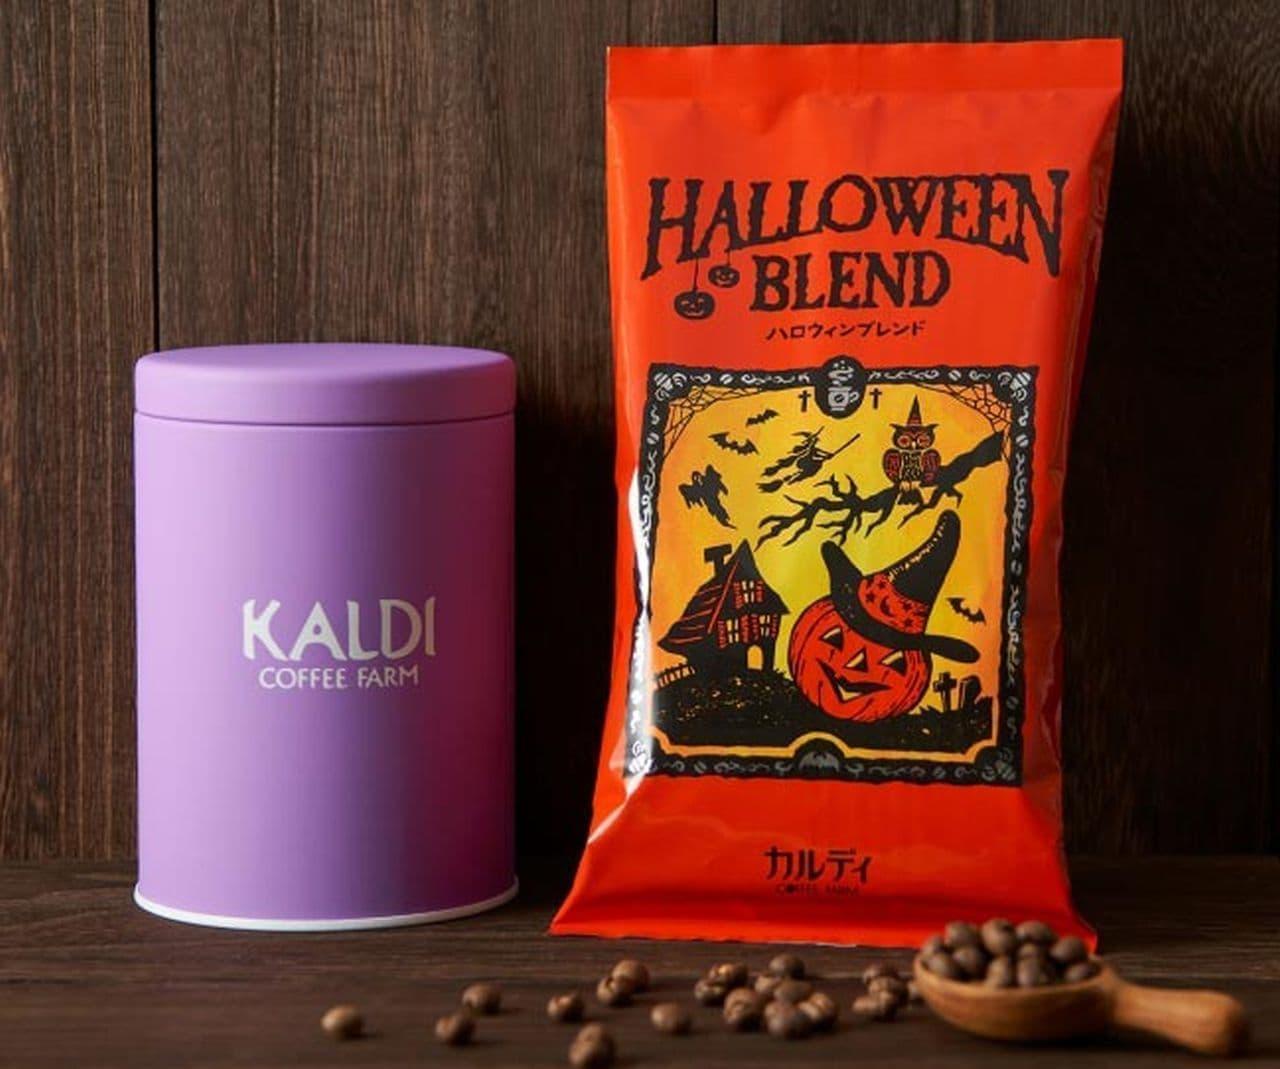 カルディのハロウィン限定「ハロウィンブレンド&キャニスター缶セット」